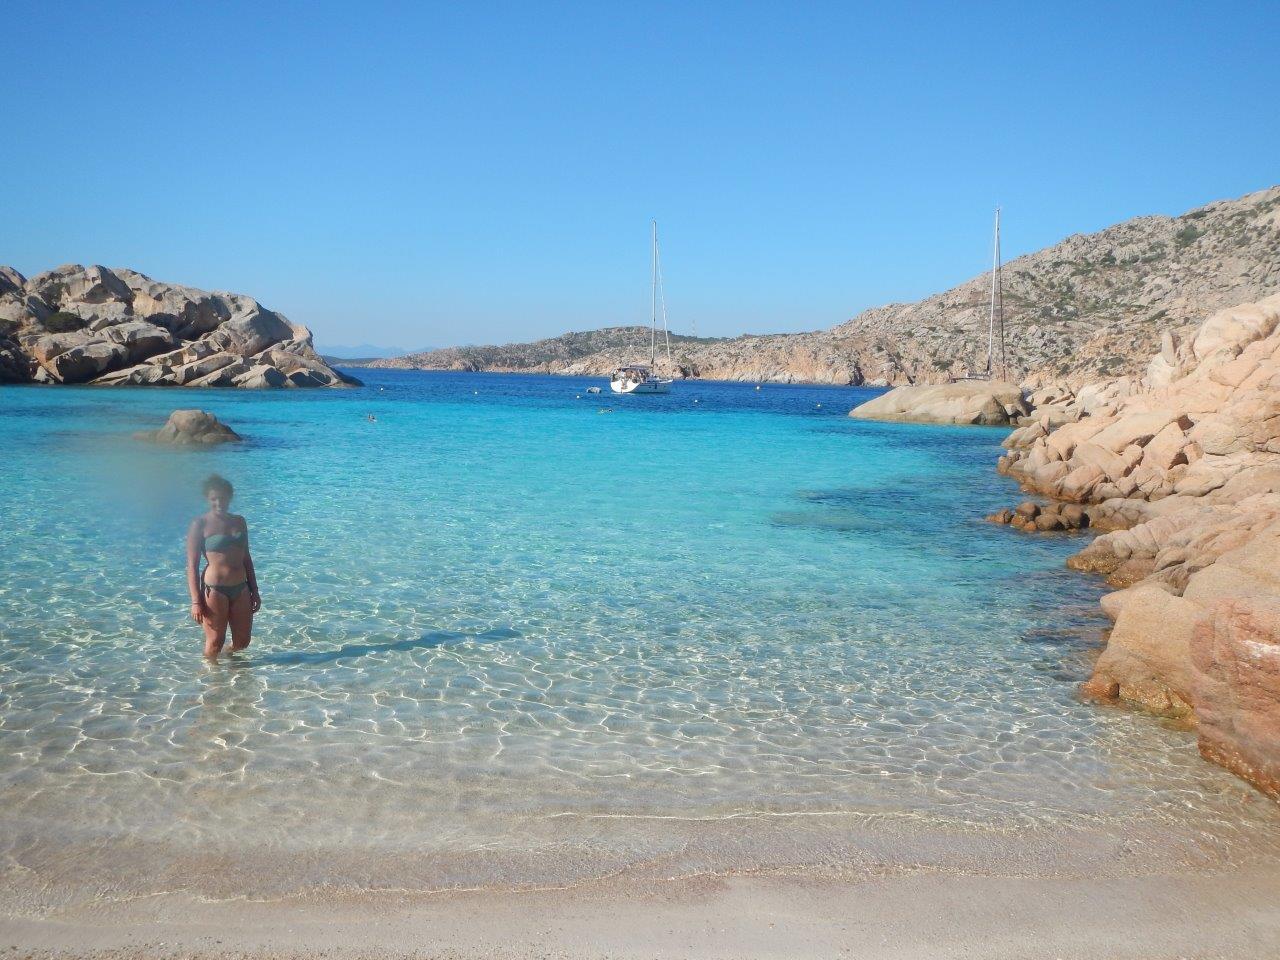 Der Strand auf Caprera ist wohl einer der schönsten der Welt